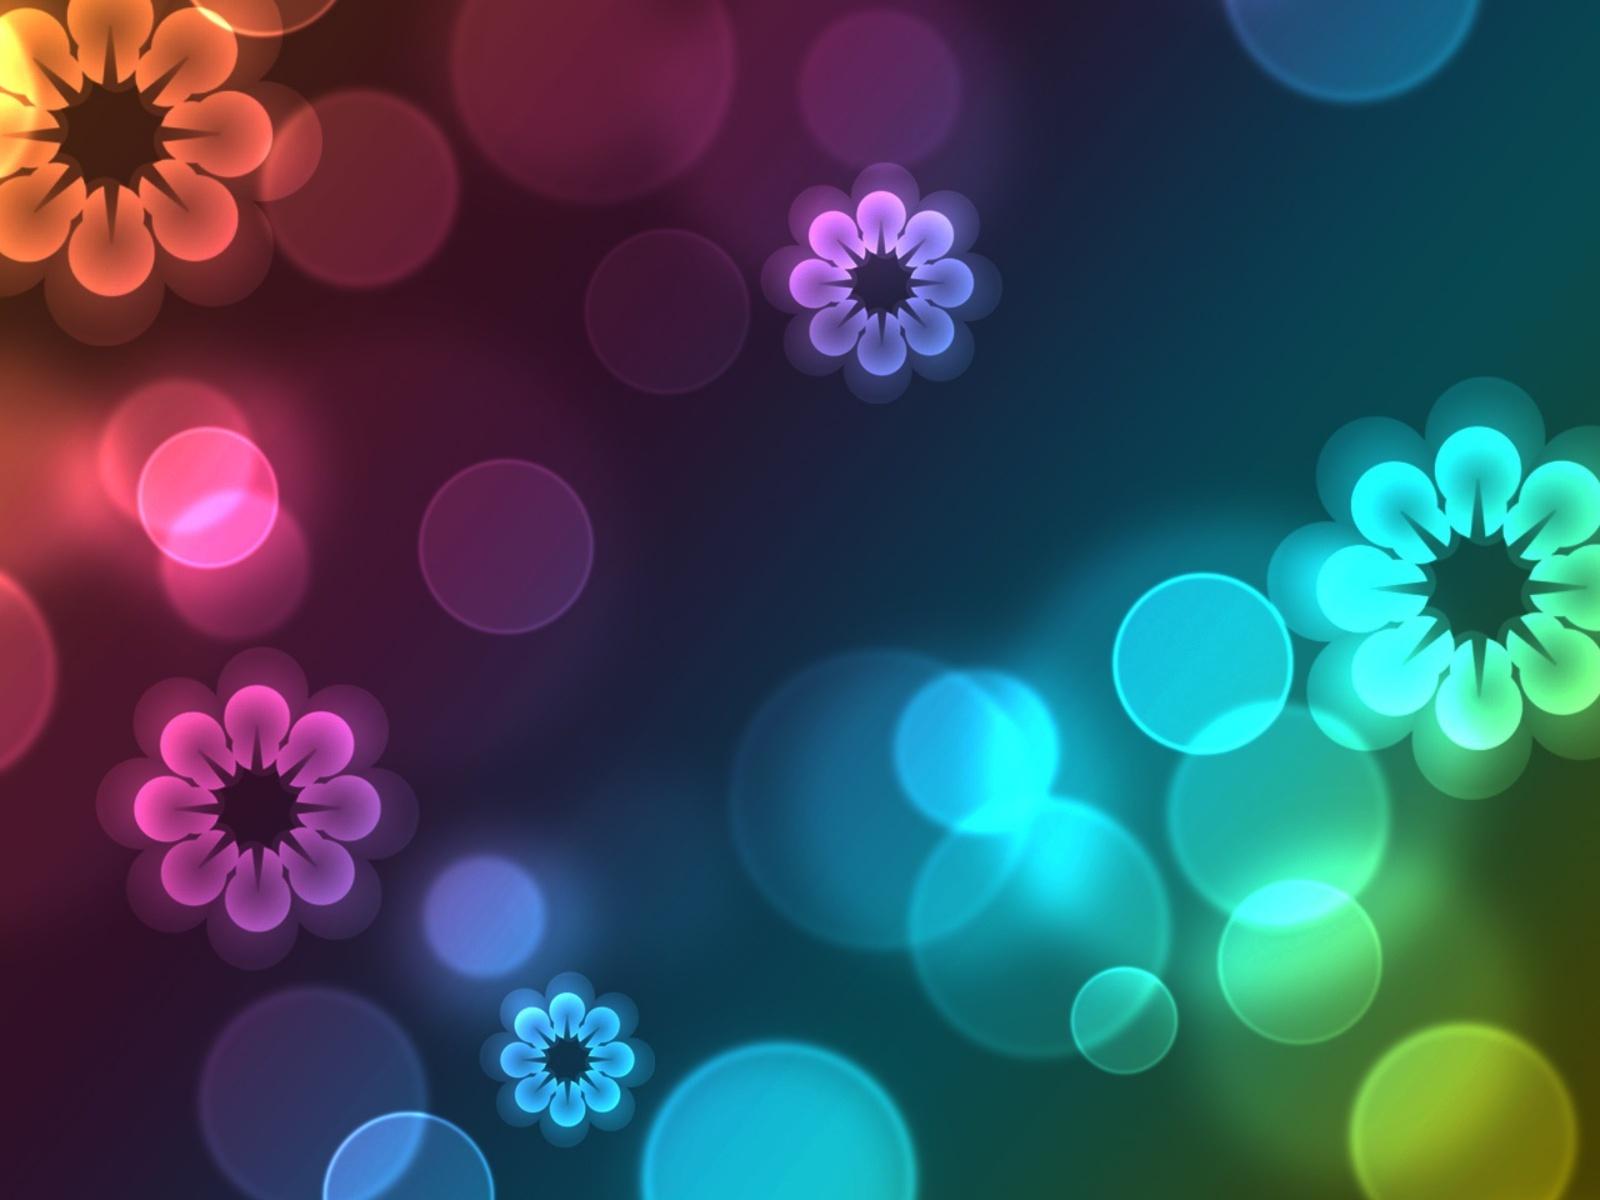 http://1.bp.blogspot.com/-T7leiOxBKDU/TykROSS4PYI/AAAAAAAAAxc/SIhdH5t2cVo/s1600/Lightening_flowers.jpg